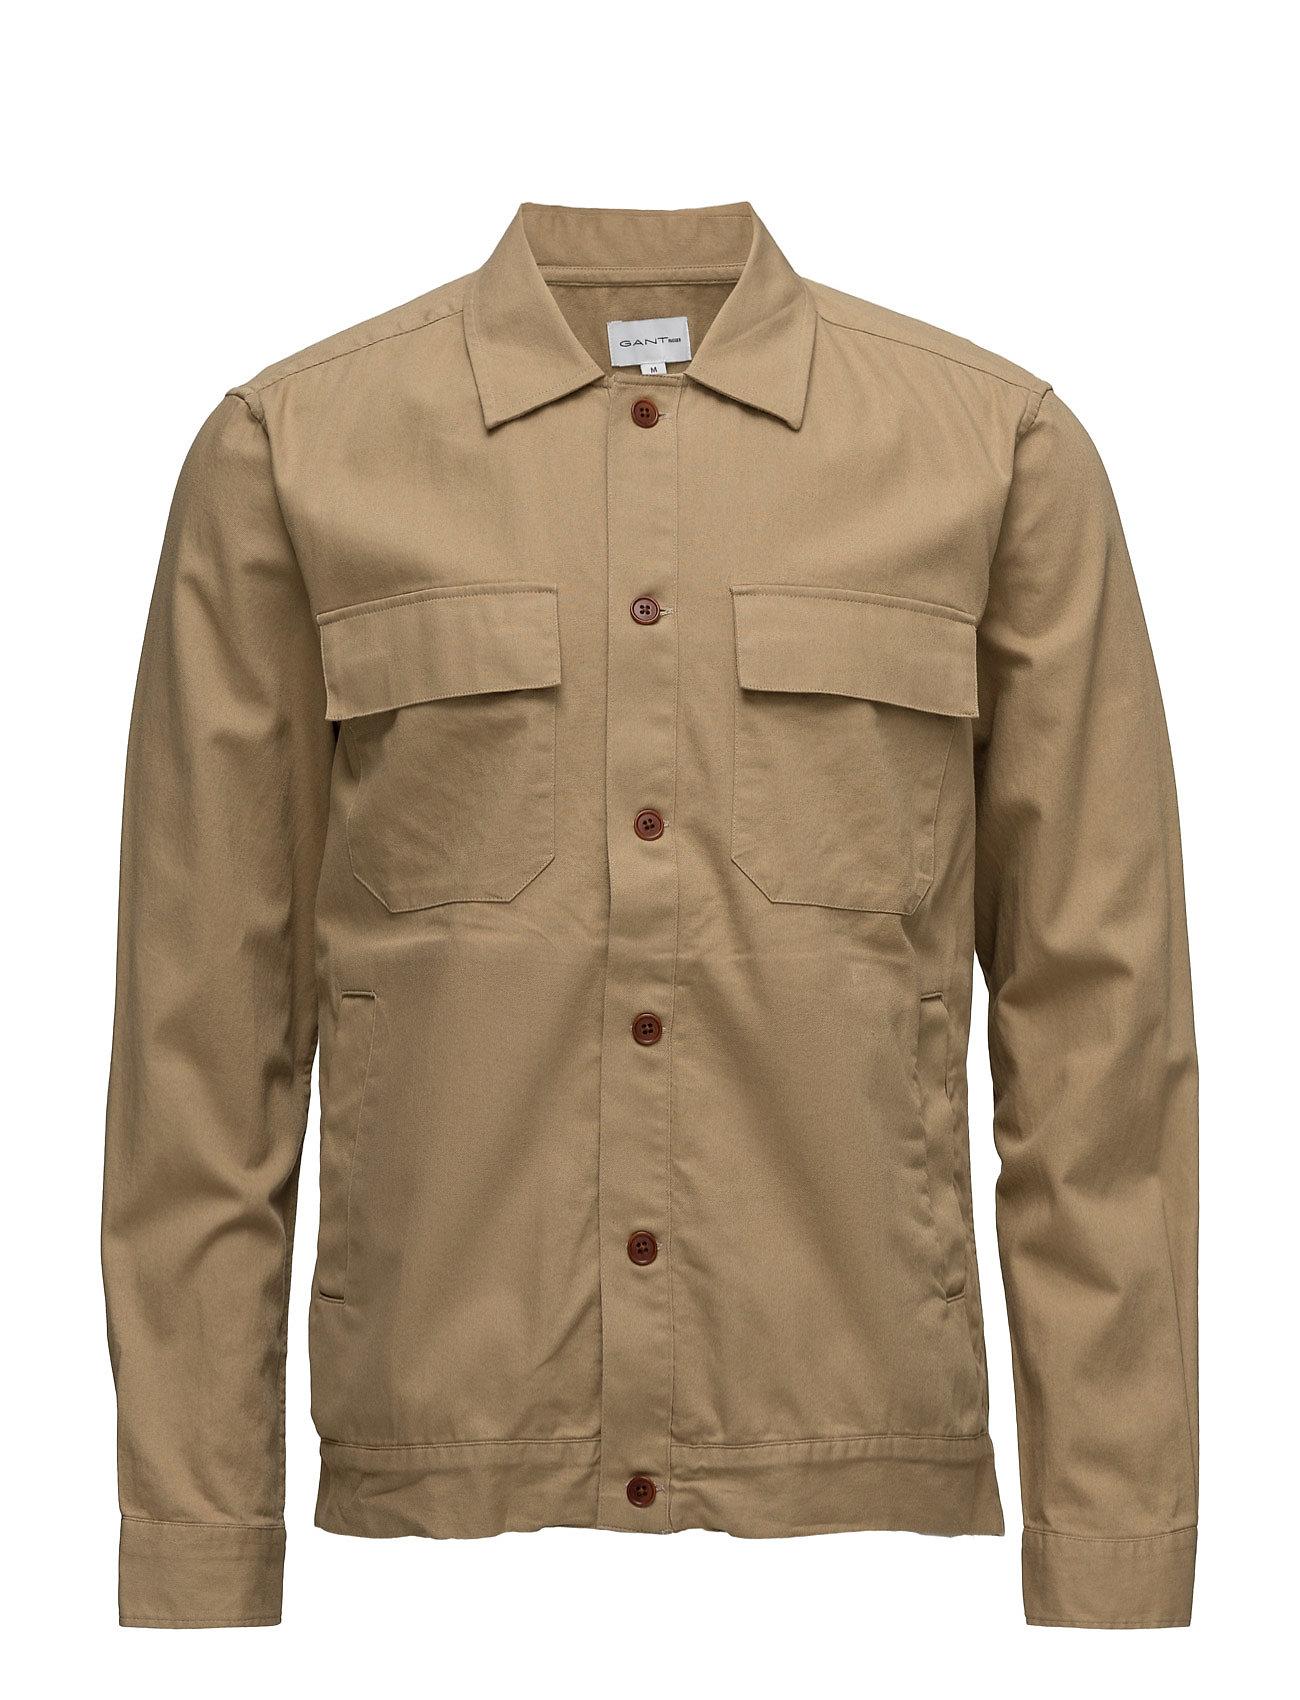 gant rugger R1. chino shirt på boozt.com dk